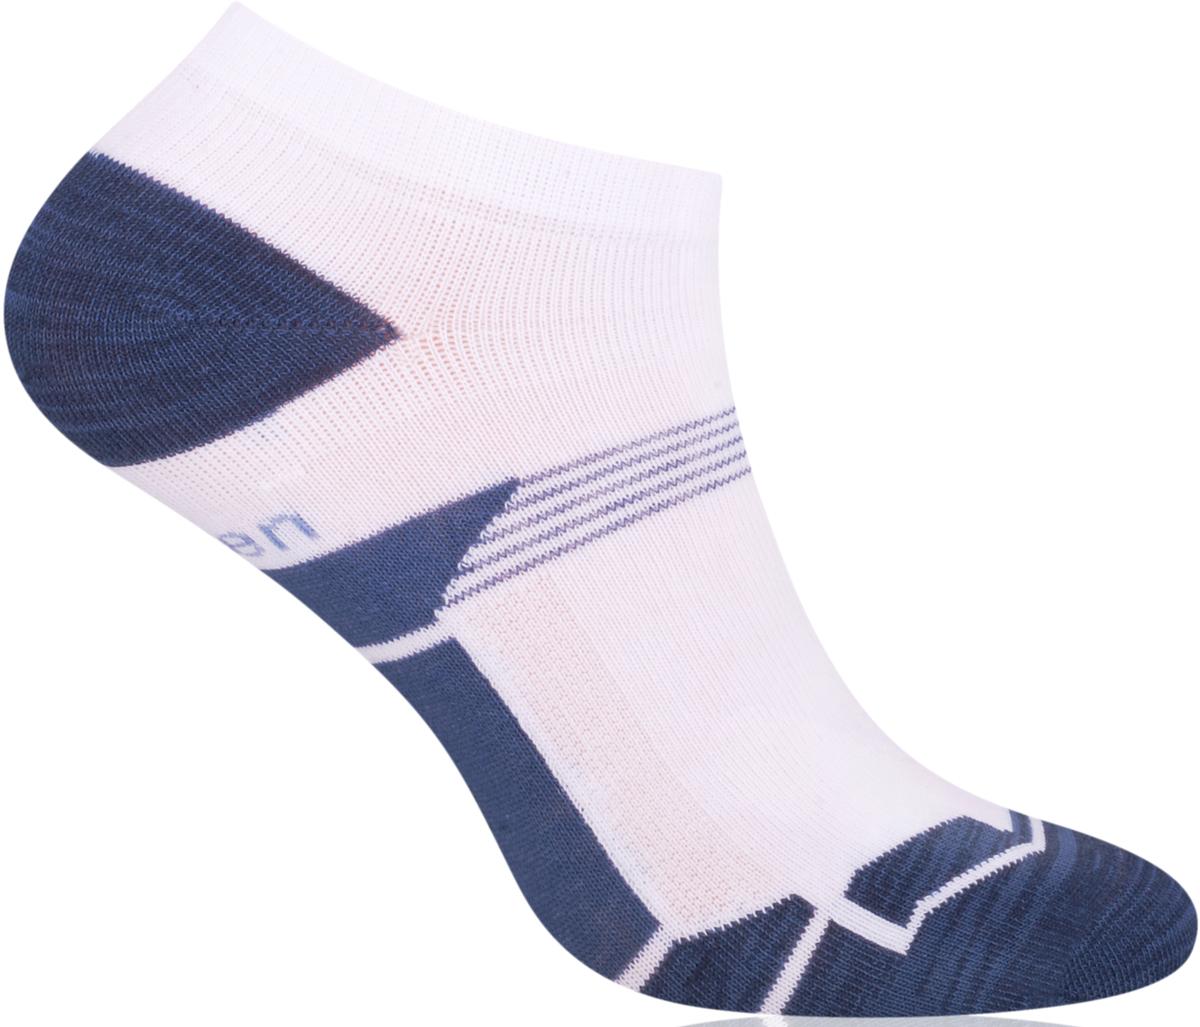 Носки для мальчика Steven, цвет: белый, джинсовый. 004 (RD126). Размер 35/37004 (RD126)Носки Steven изготовлены из качественного материала на основе хлопка. Модель имеет мягкую эластичную резинку. Носки хорошо держат форму и обладают повышенной воздухопроницаемостью.